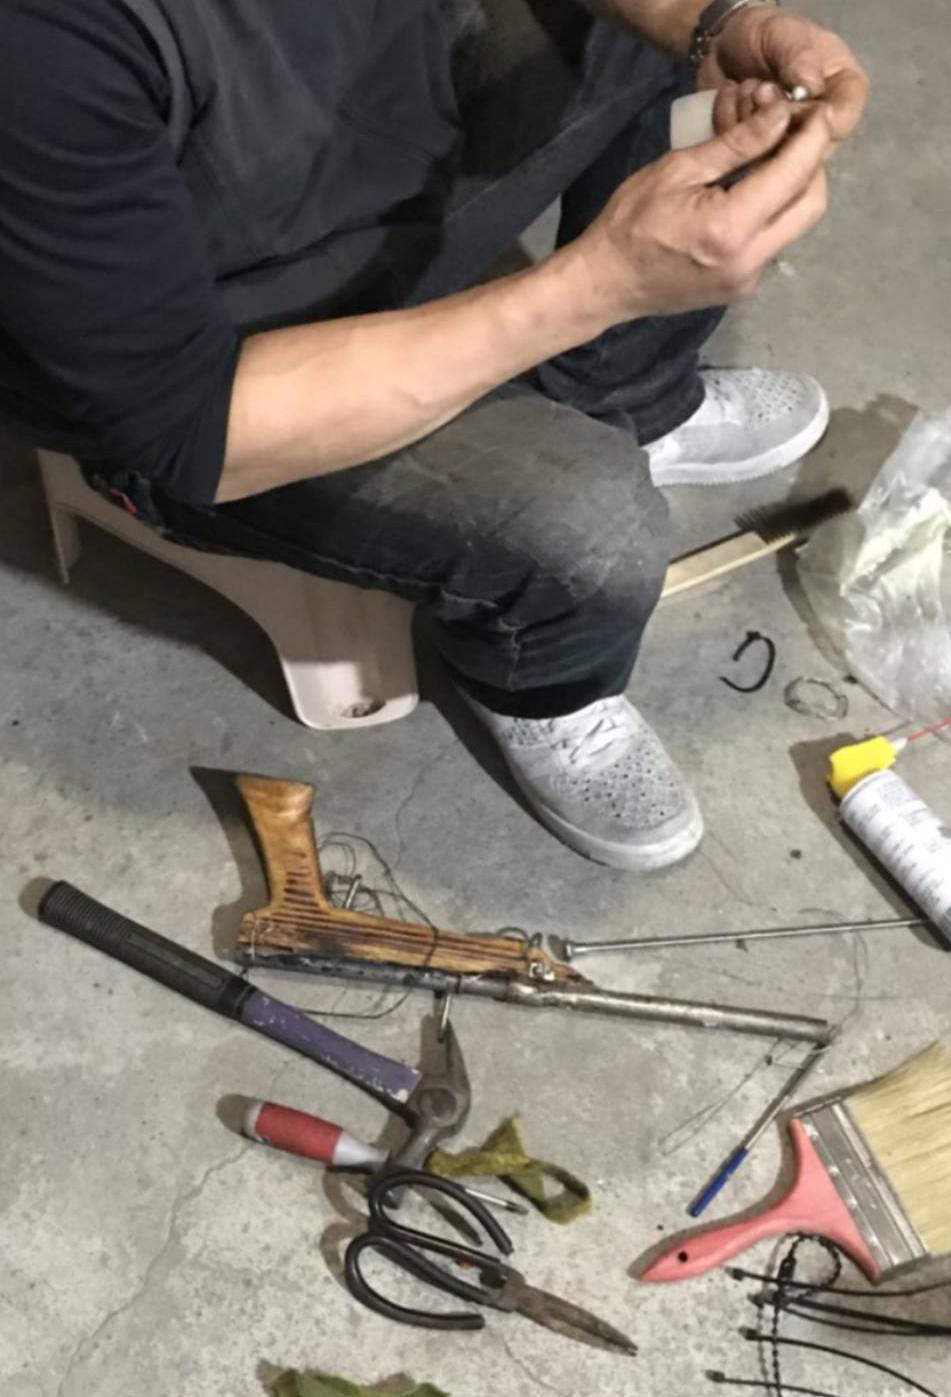 新竹一名黃姓木工將改造釘槍,並把槍身前段加裝槍頭,利用工業用底火推進大頭釘或鋼珠...